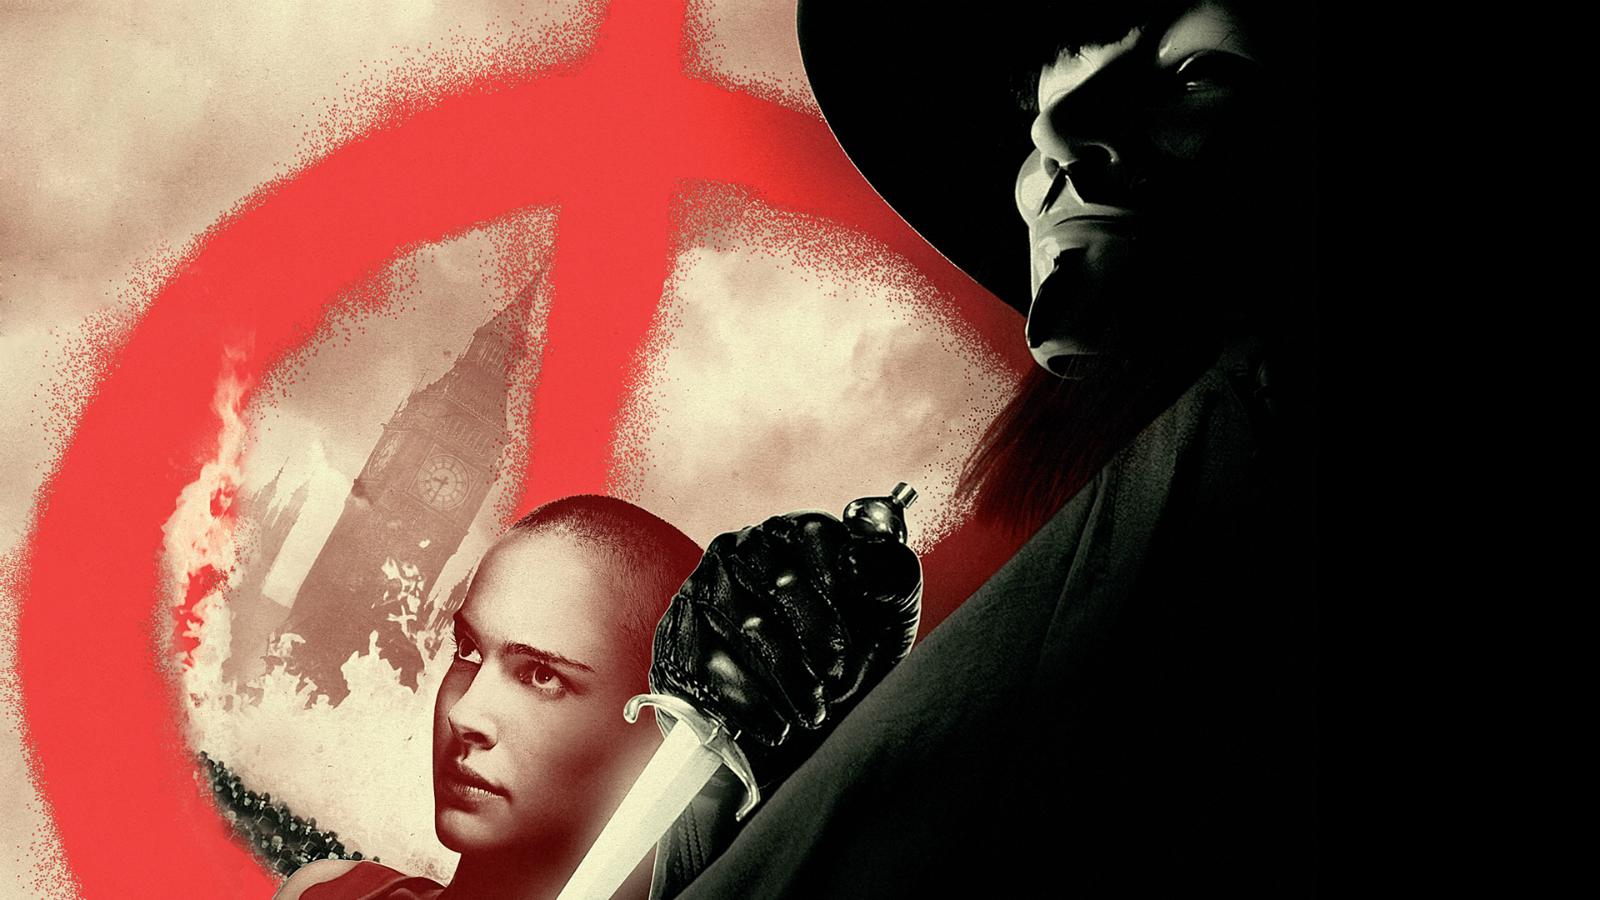 http://4.bp.blogspot.com/-ujx1ewPzVsM/TlrMLz_MbgI/AAAAAAAAAuo/RtOEGlXpVYg/s1600/v_for_vendetta_matalie_portman_poster_www.Vvallpaper.net_.jpg